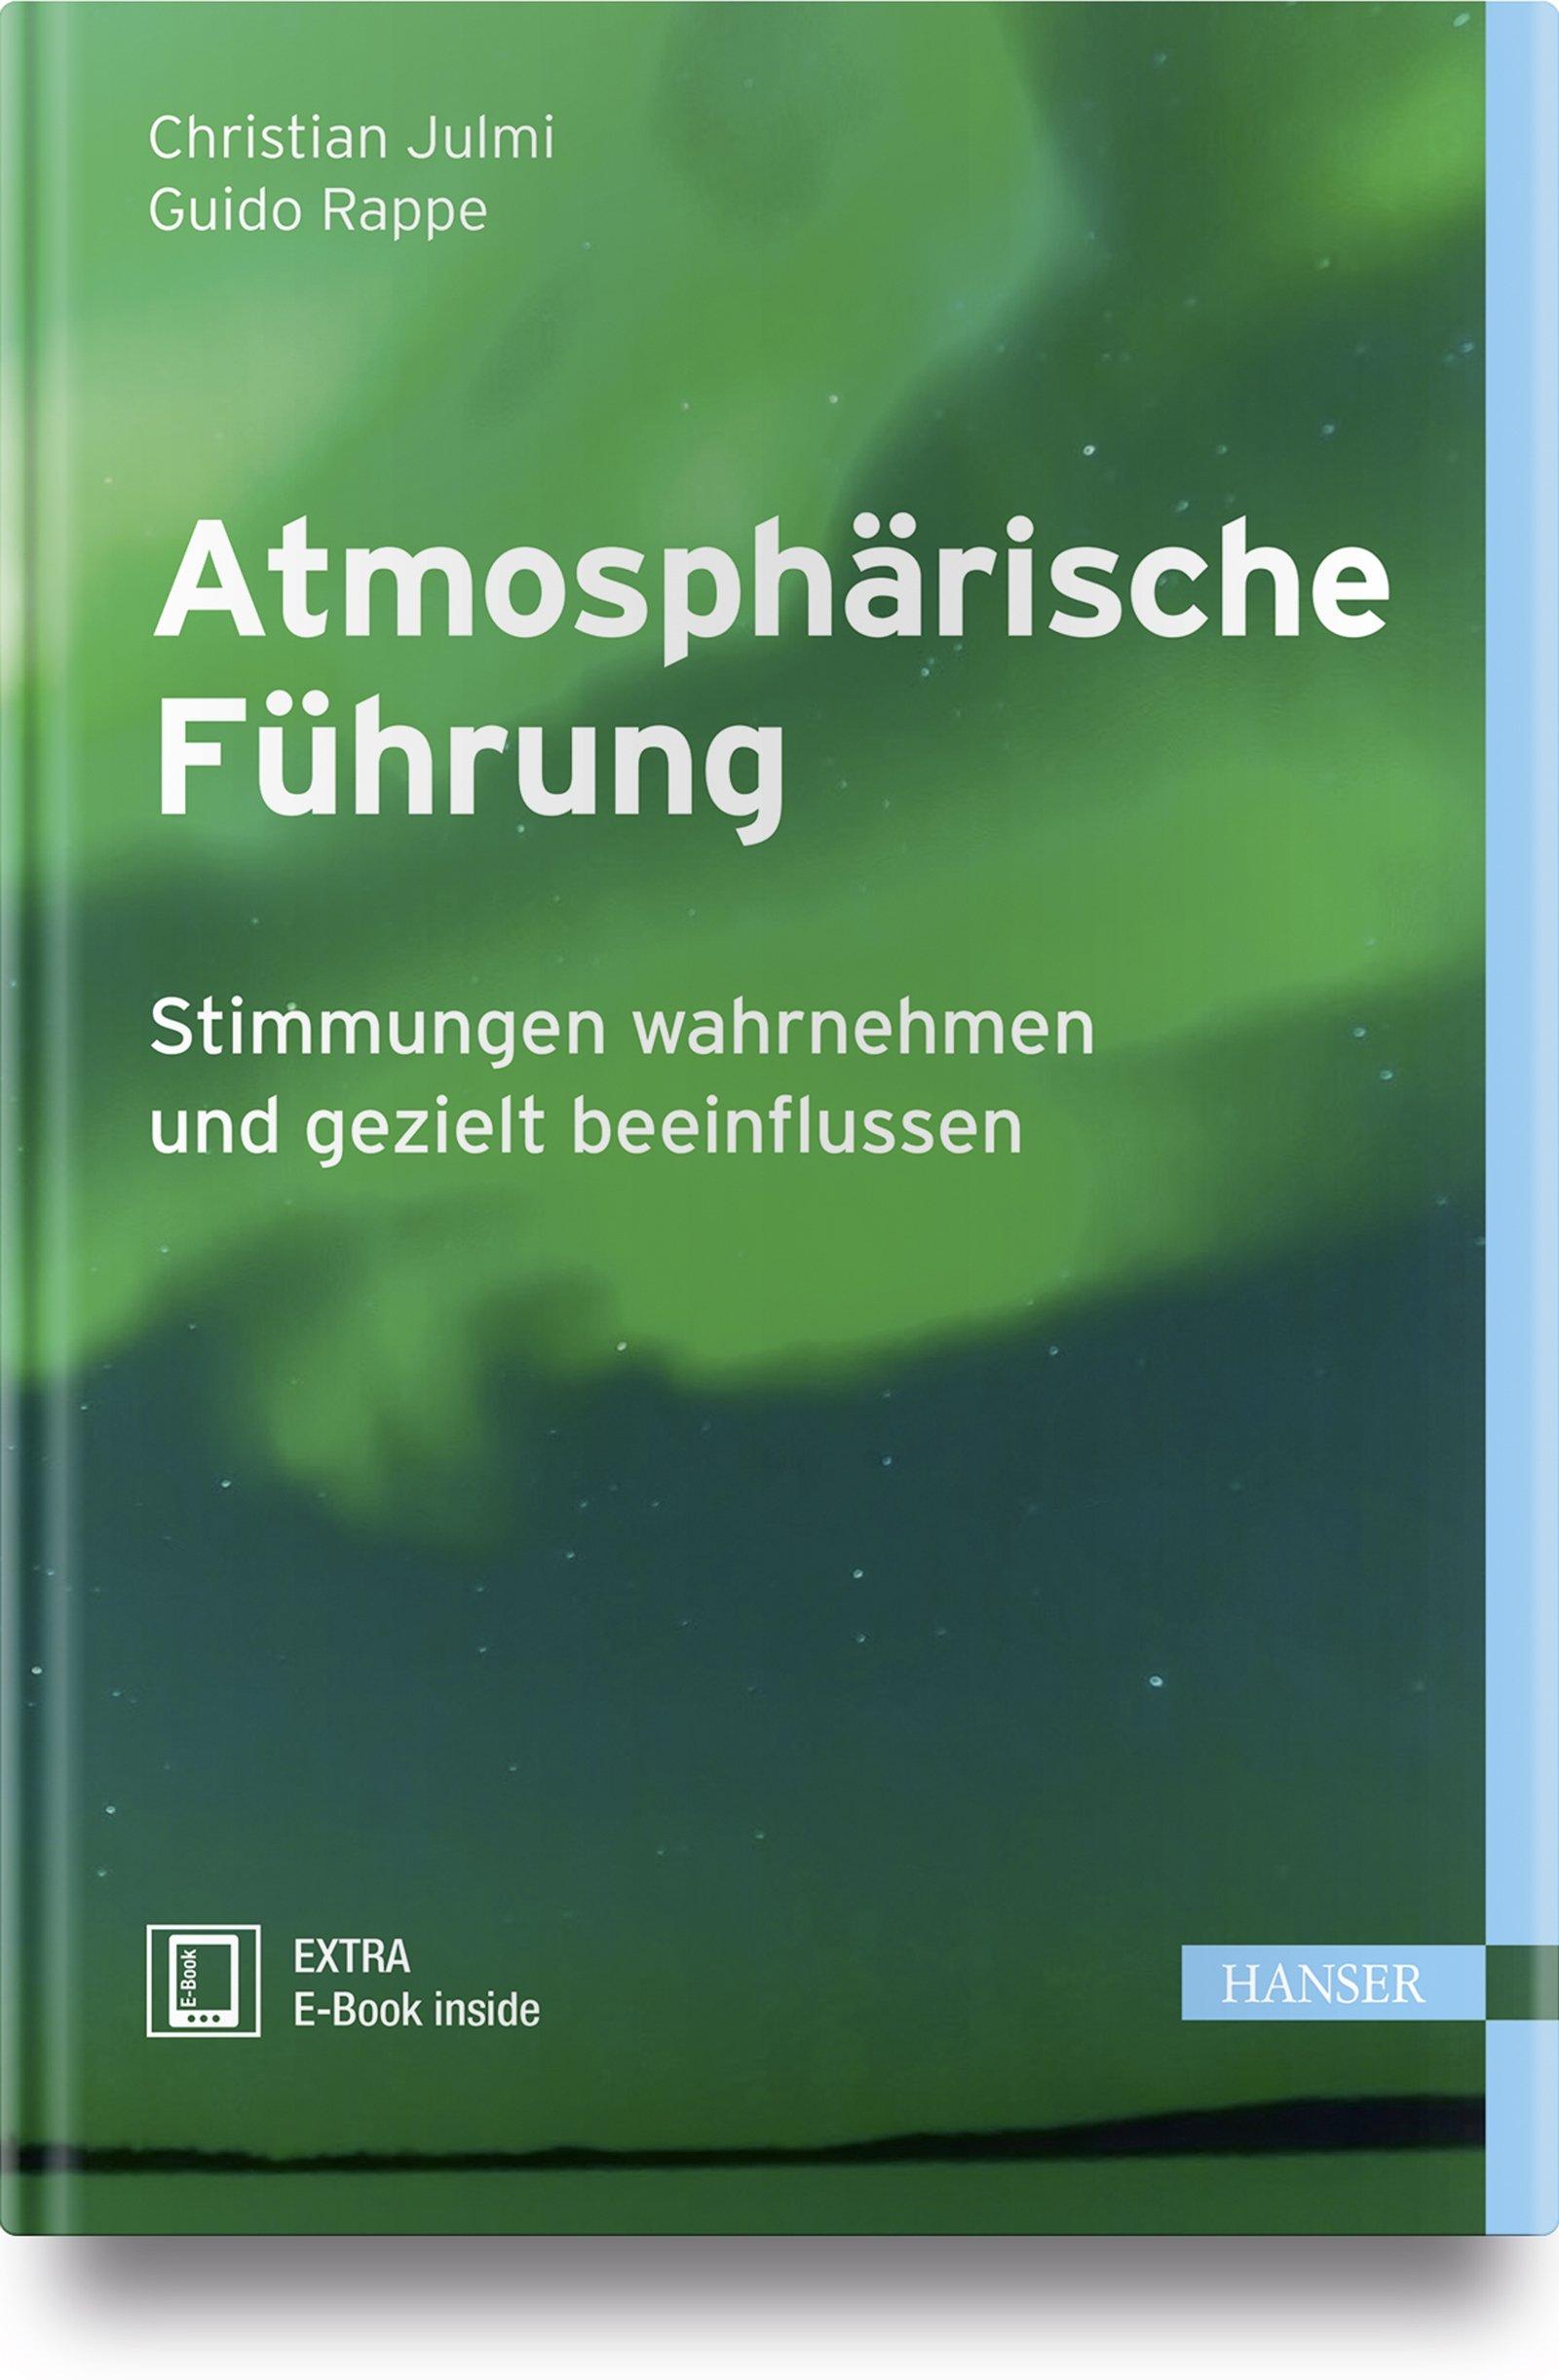 Atmosphärische Führung: Stimmungen wahrnehmen und gezielt beeinflussen